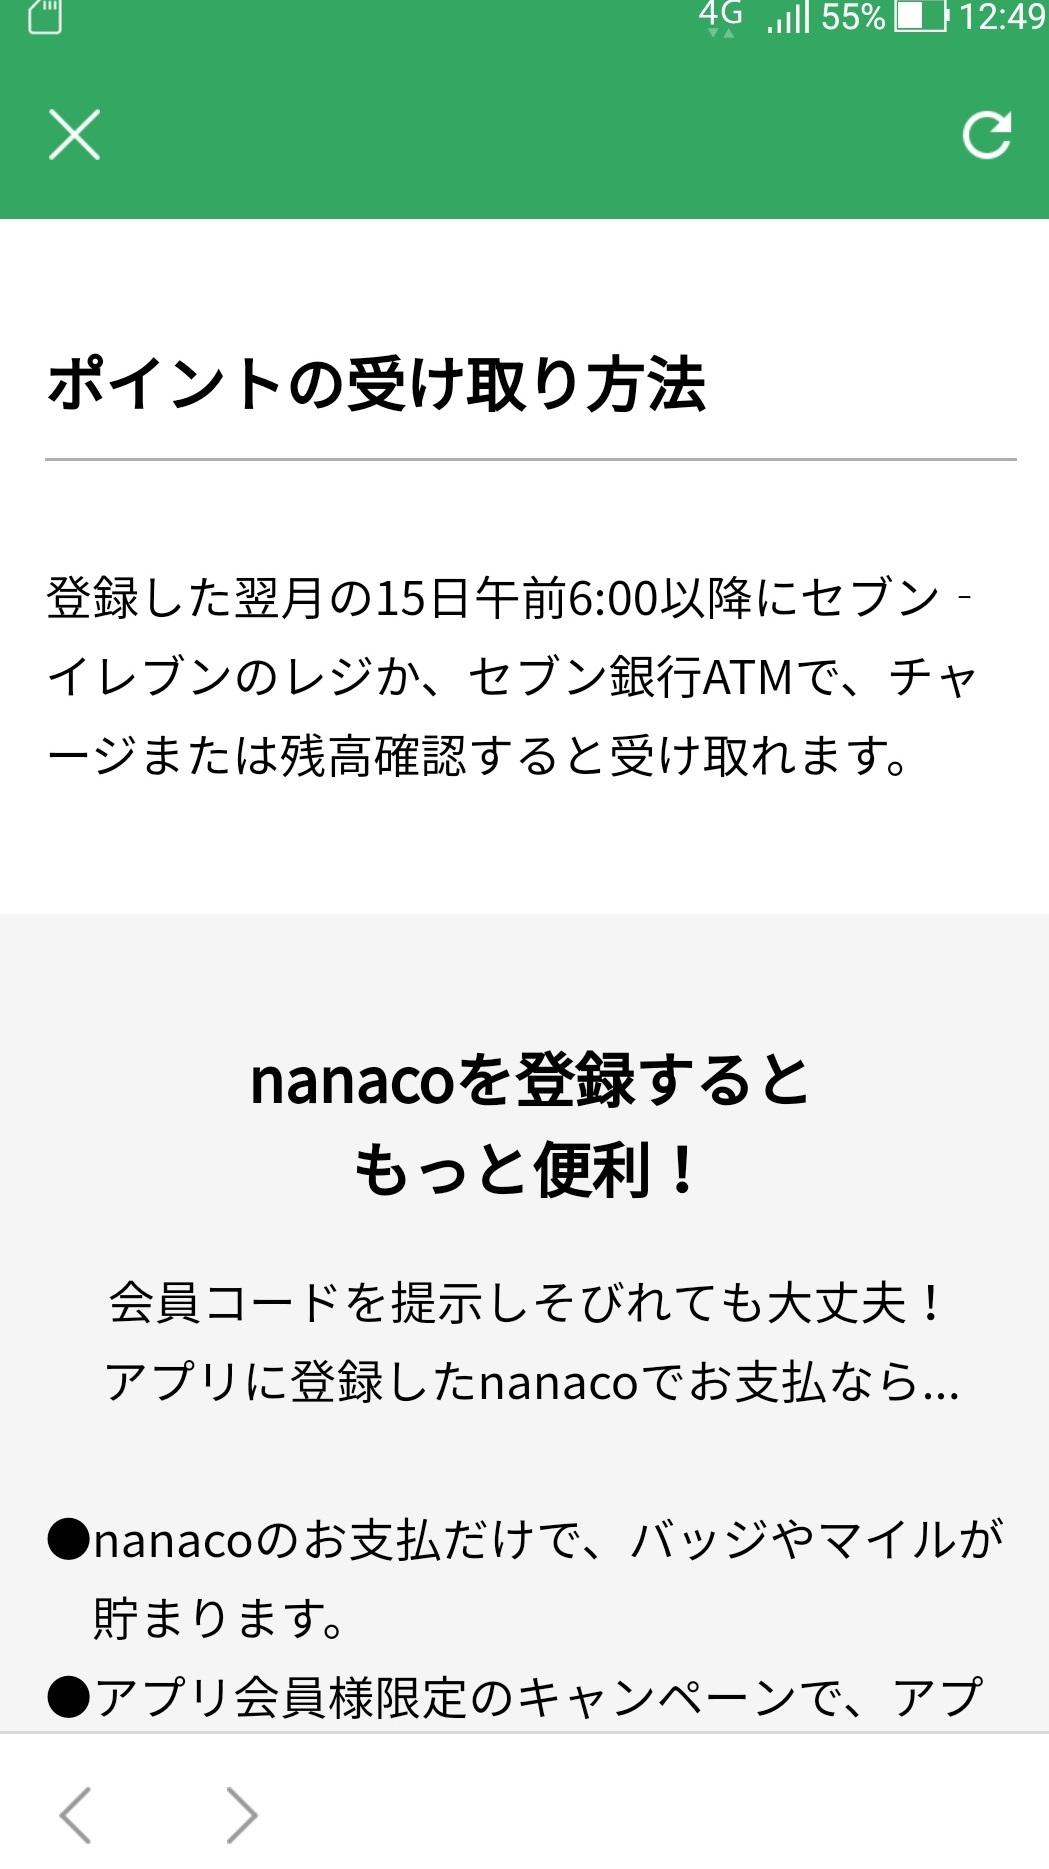 seven_app_nanaco4.jpg